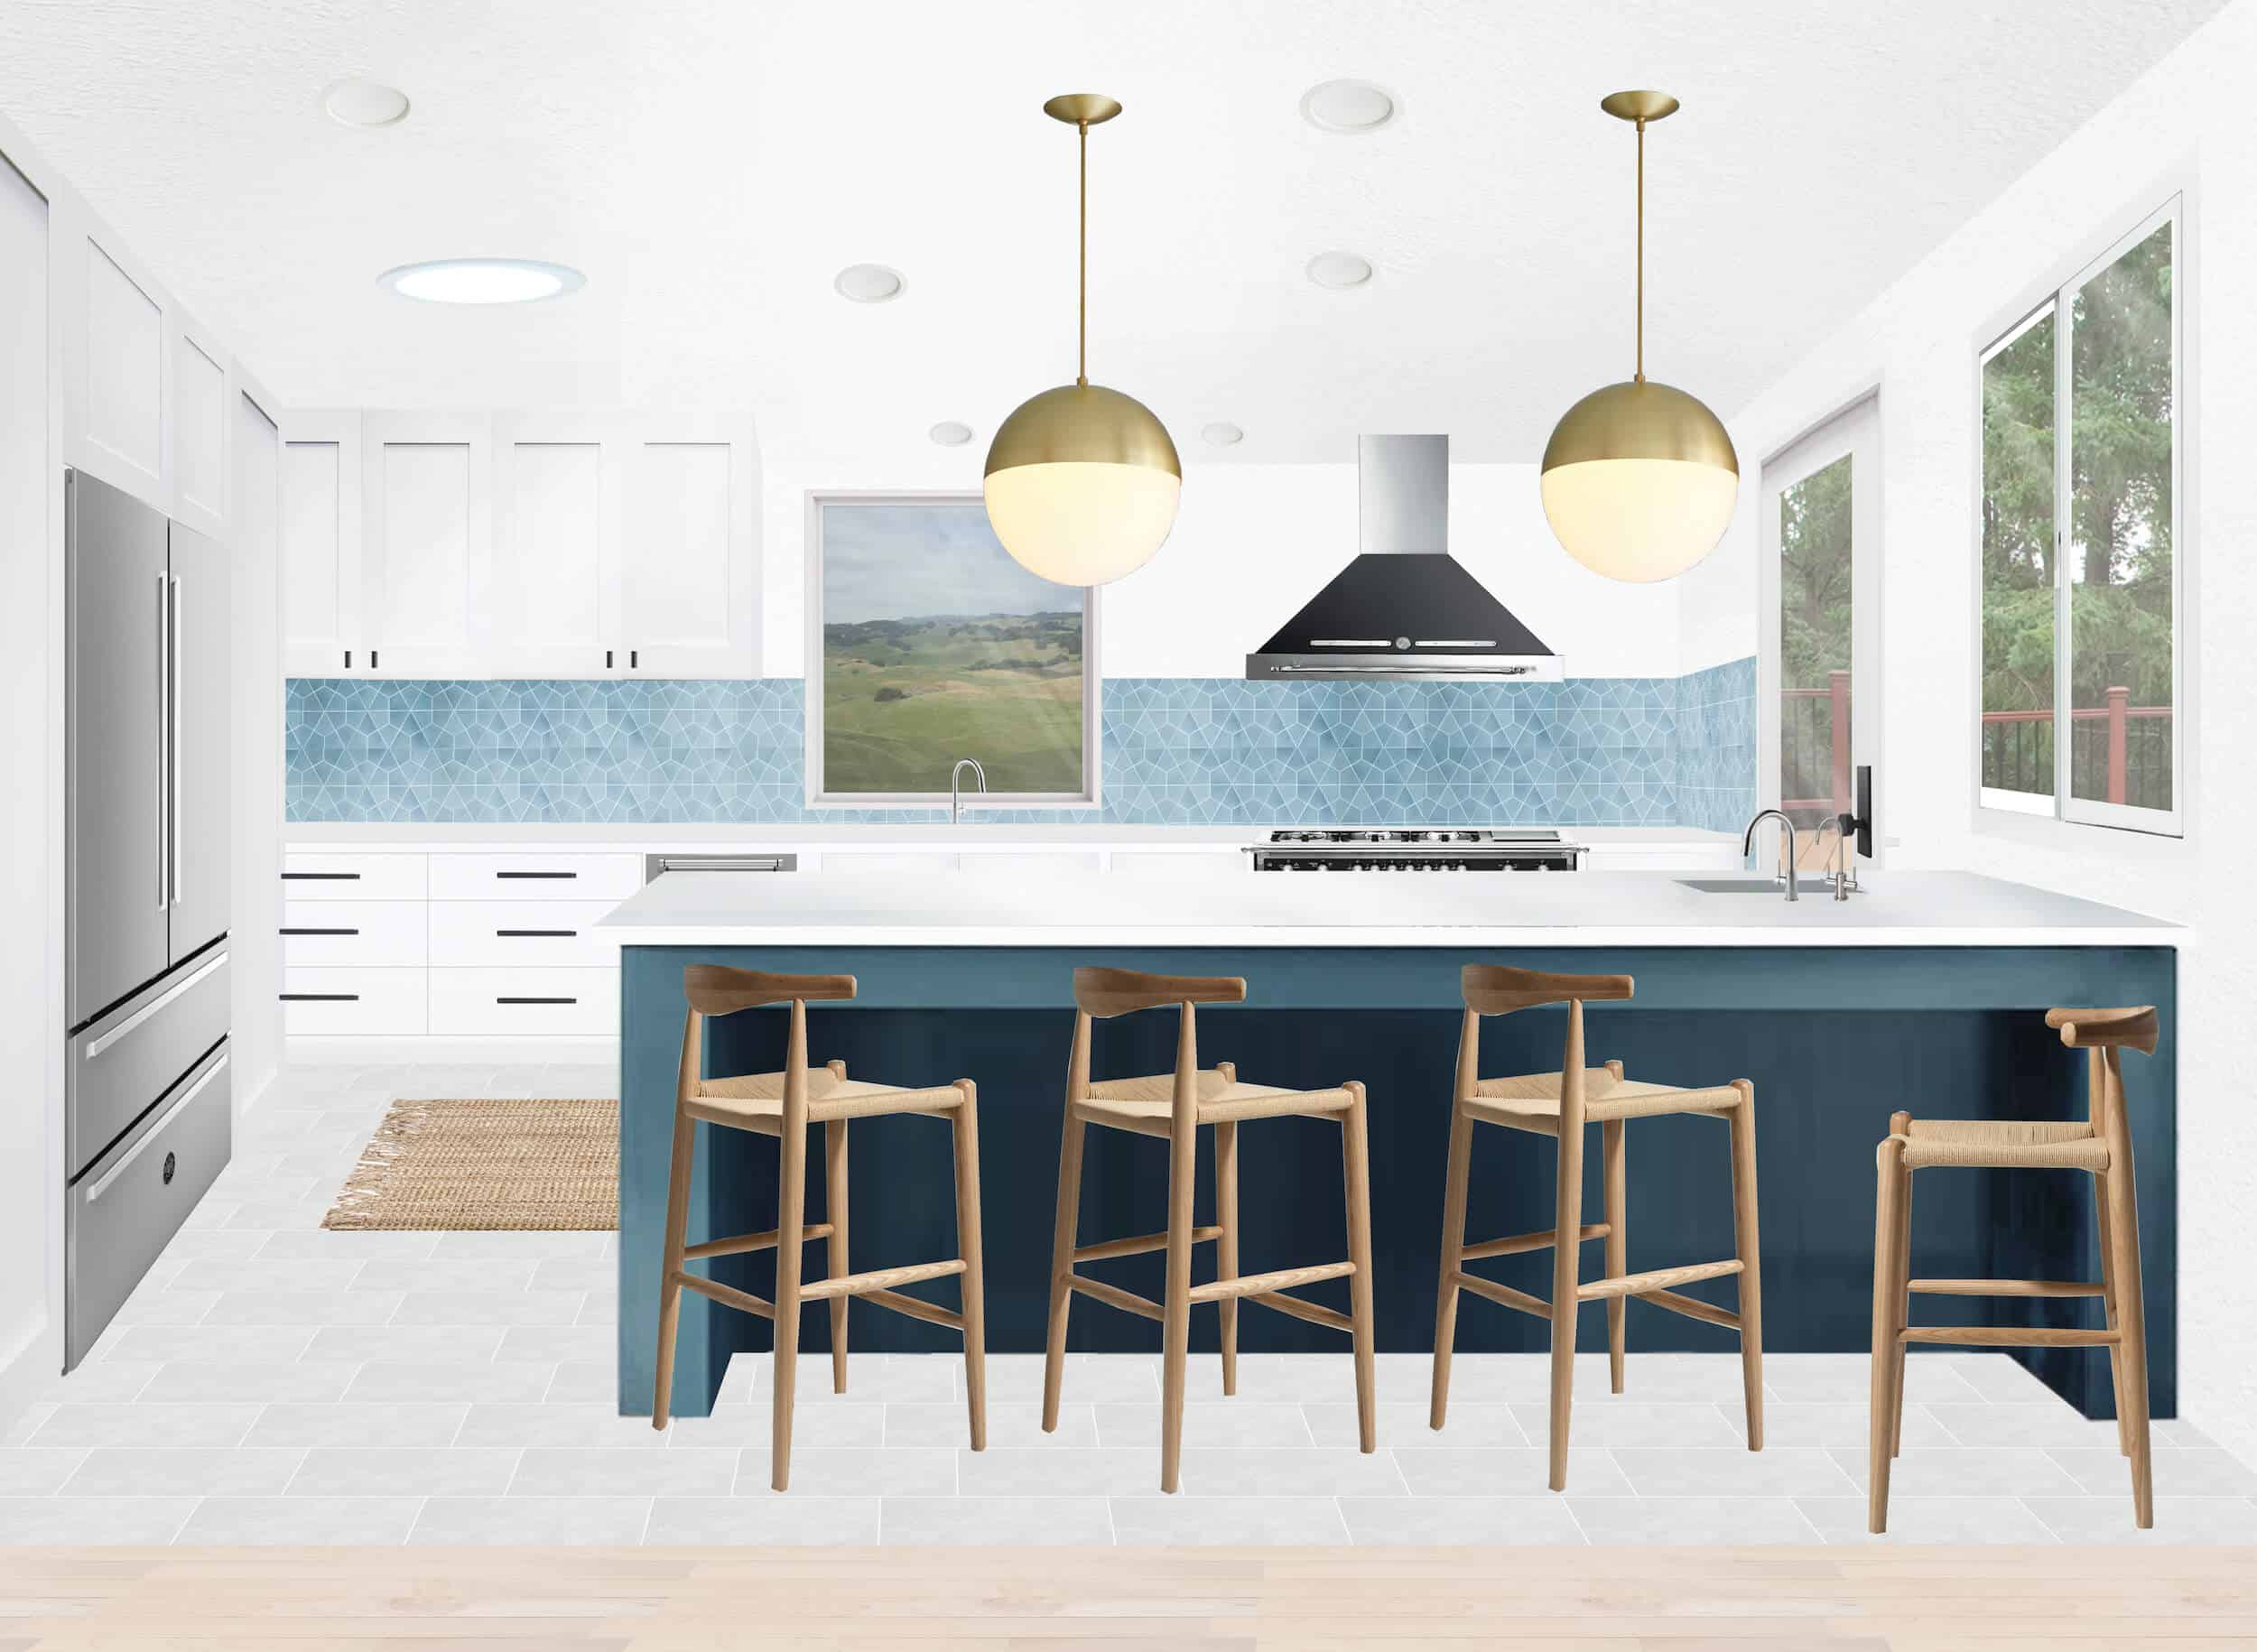 catherines-kitchen-render-island-header-emily